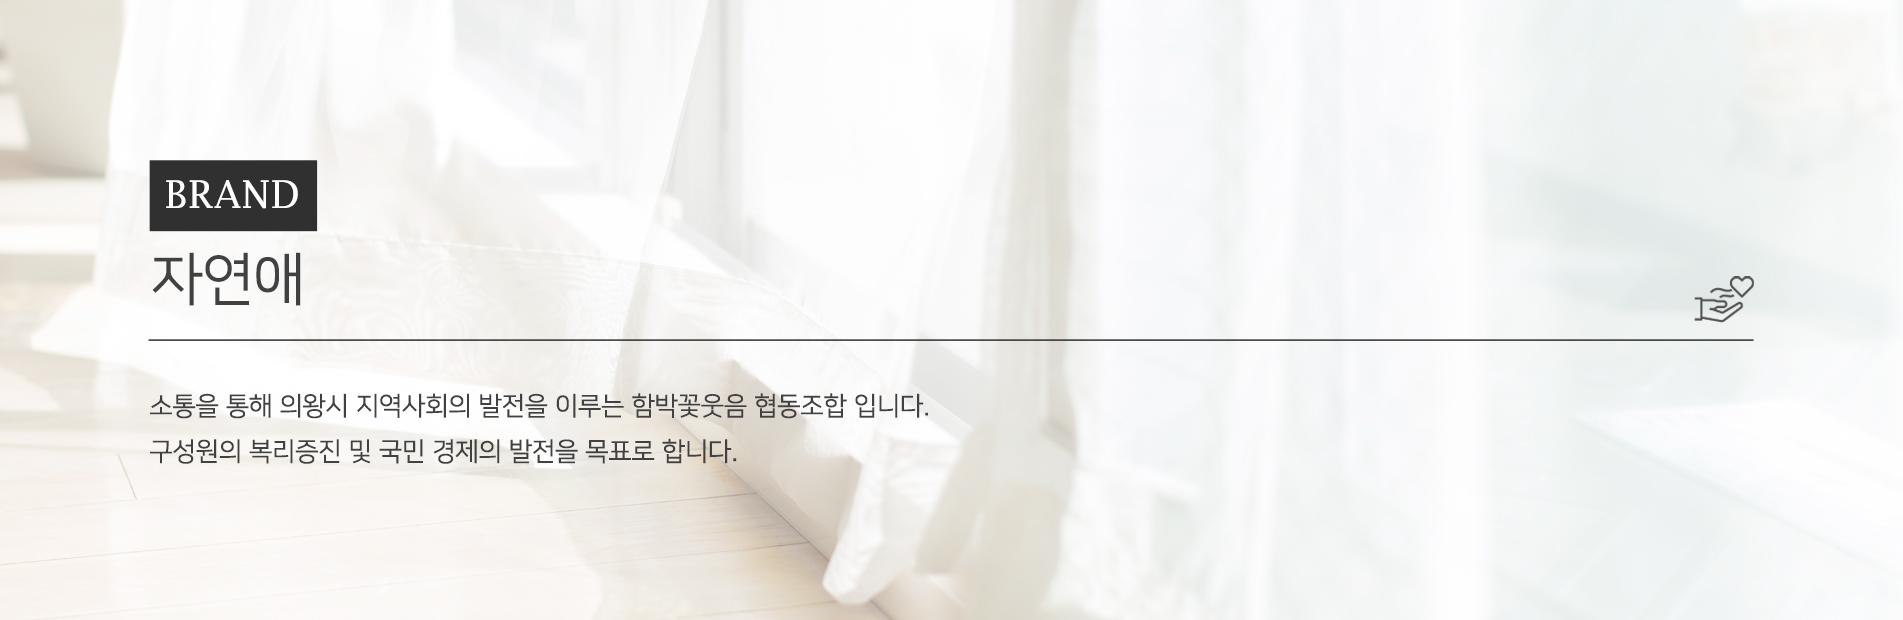 30밀리스토어 소셜가 자연애 브랜드 소개